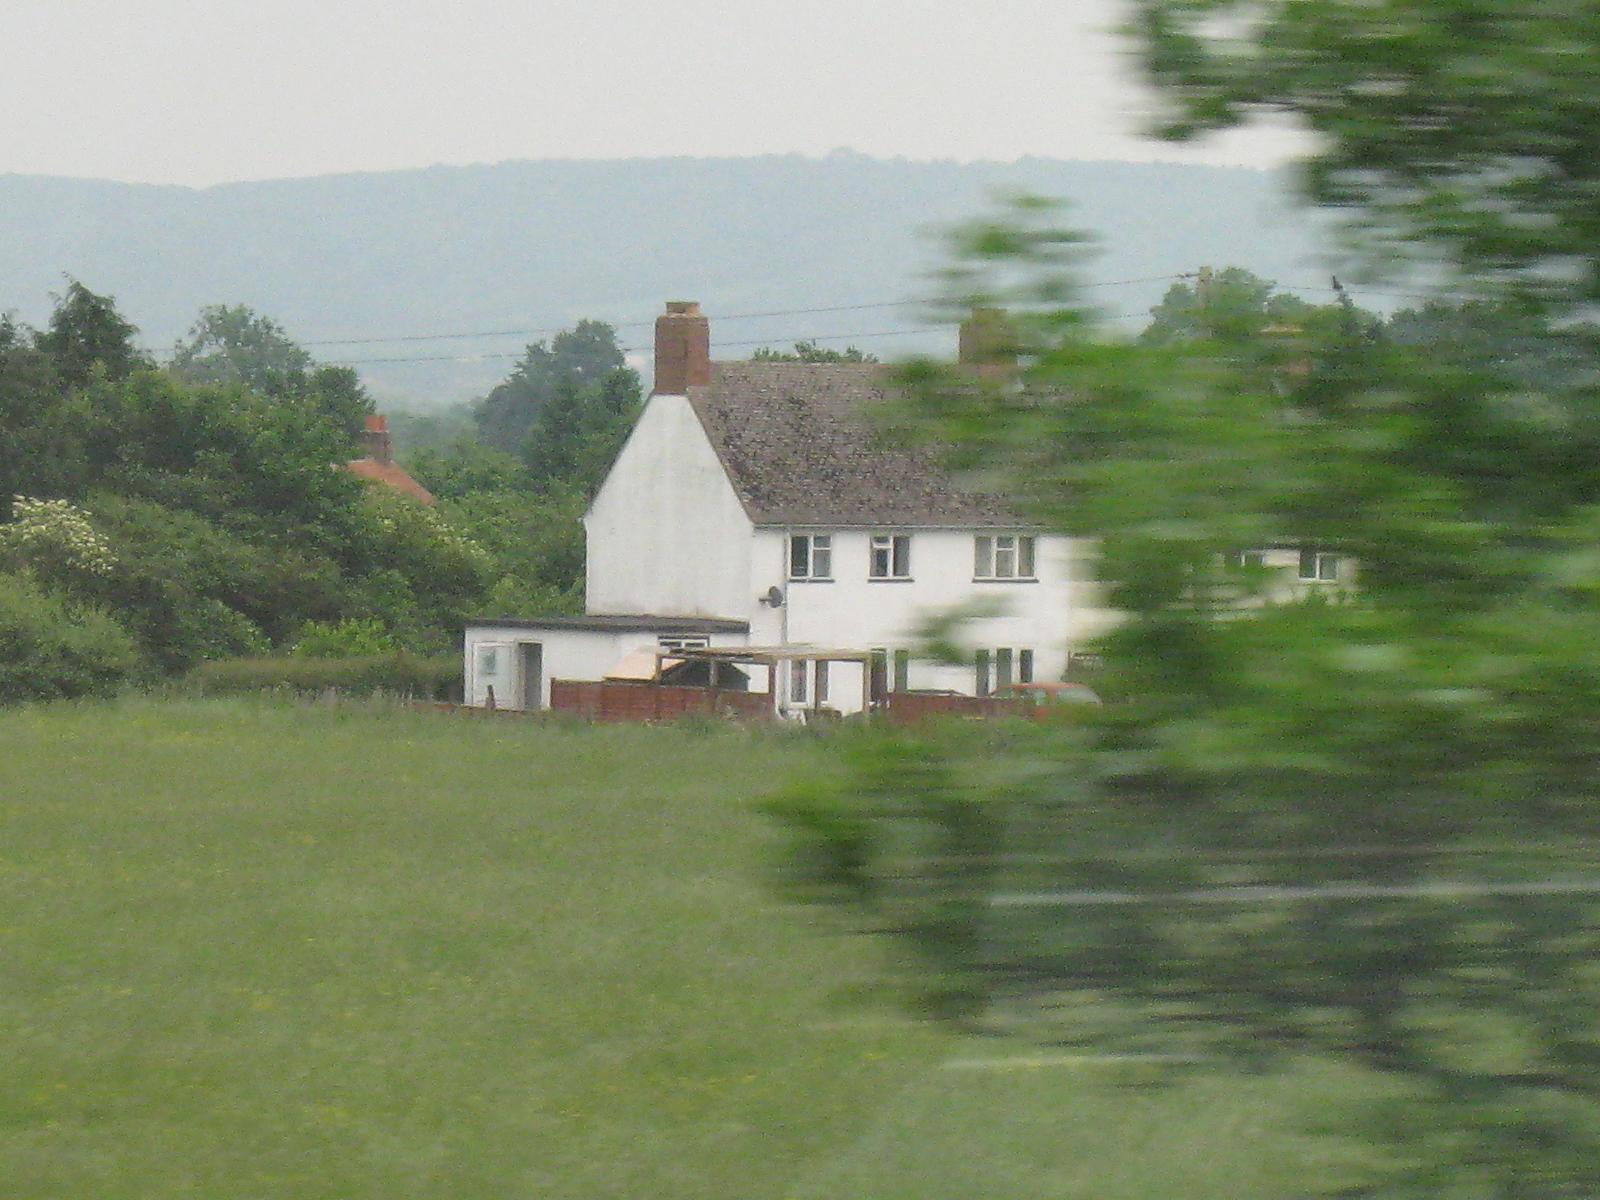 帰路に向かう英国らしい景色4